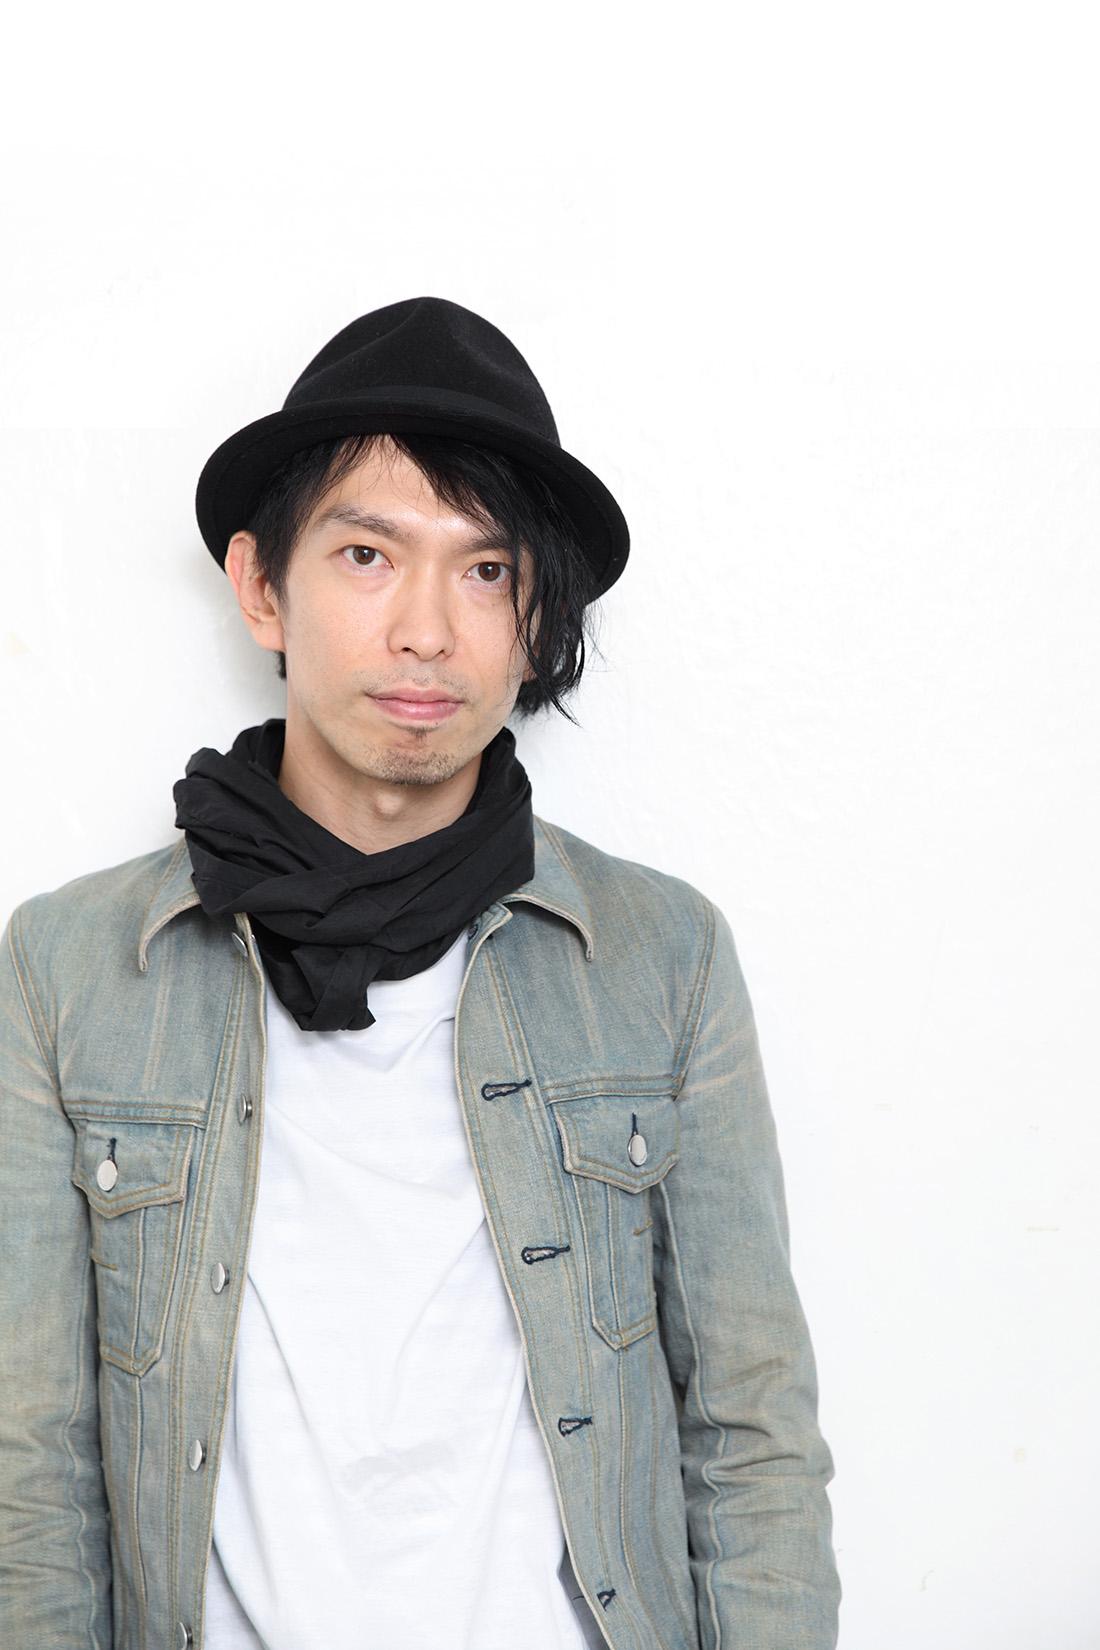 Junya Ishigami by Tasuko Amada, © Junya Ishigami + Associates